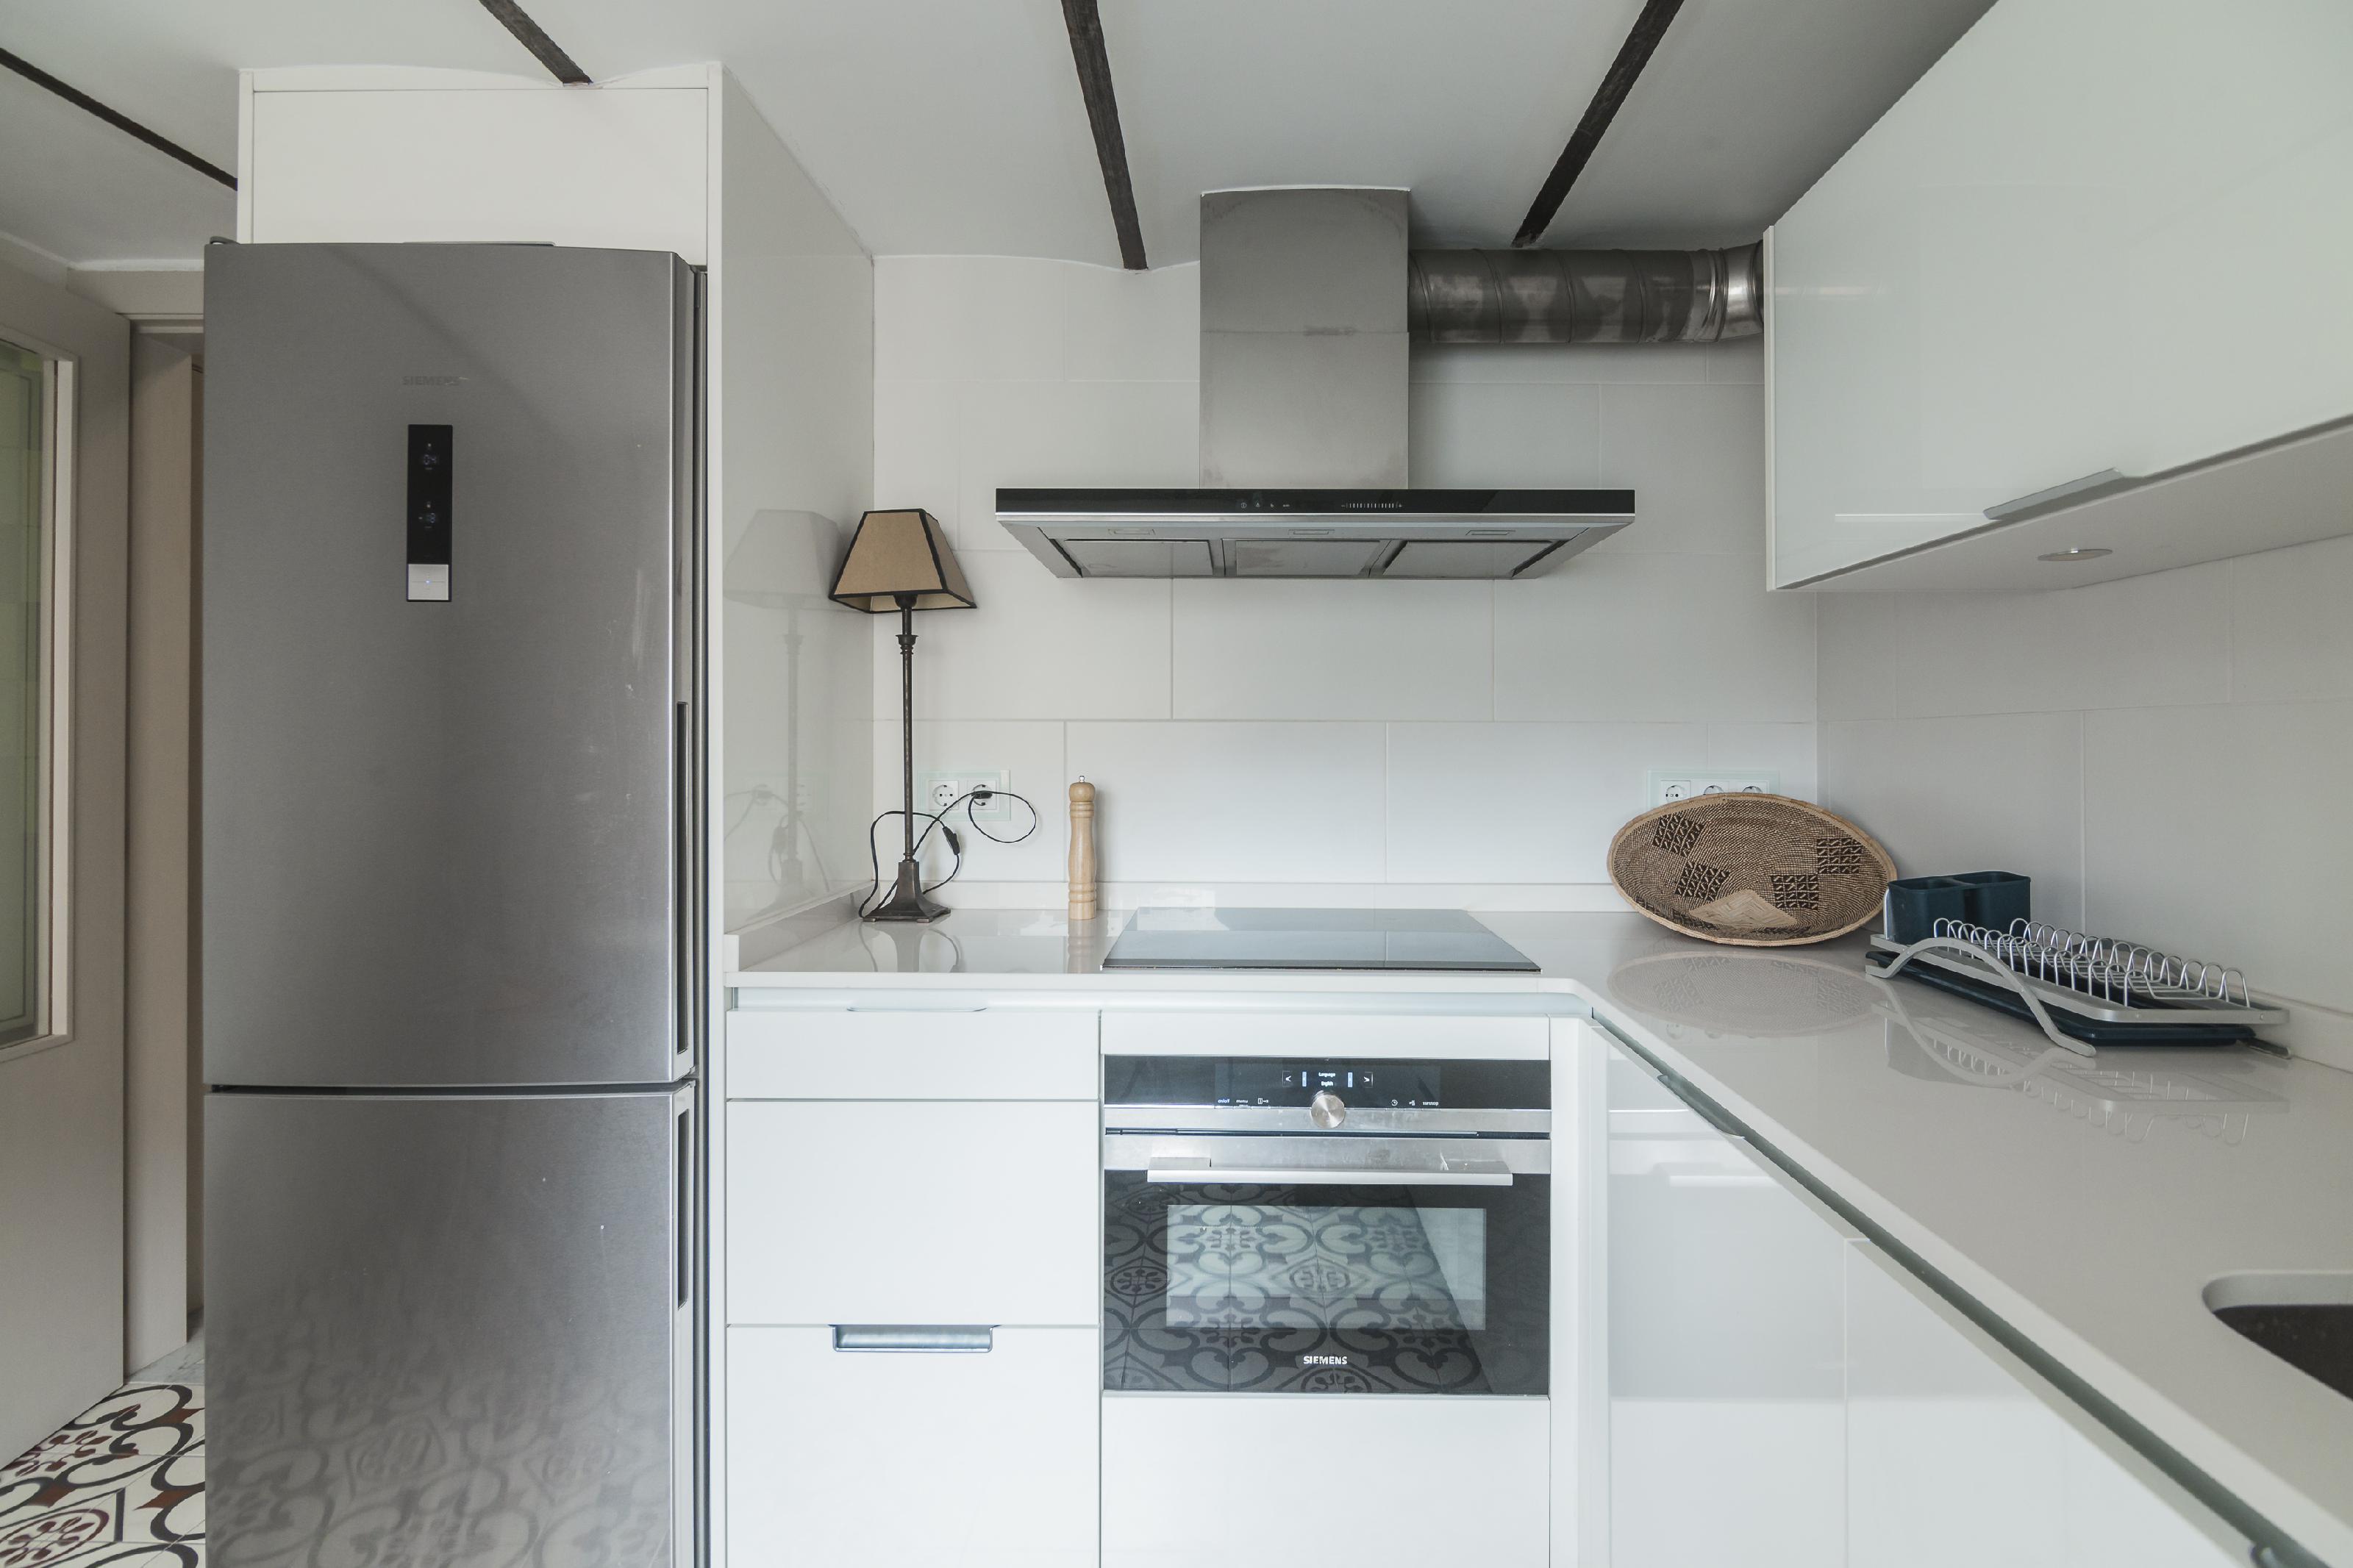 248206 Flat for sale in Gràcia, Vila de Gràcia 12